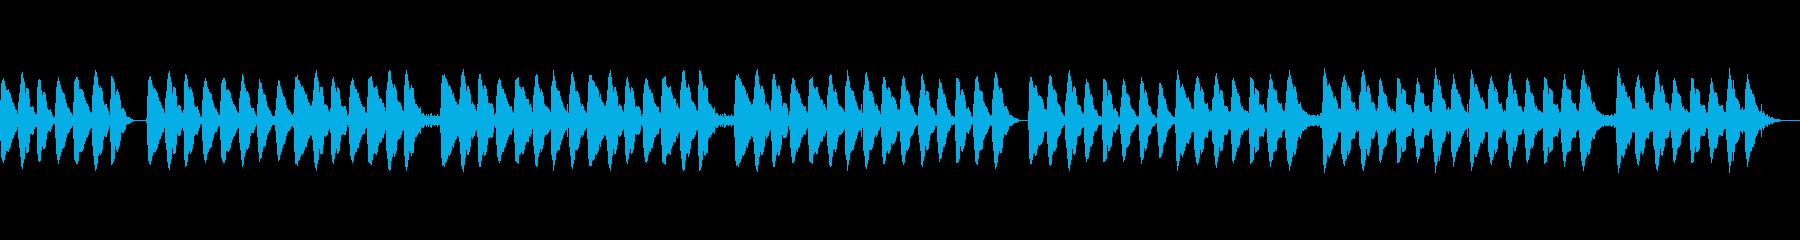 ママの子守唄のようなヒーリング音楽の再生済みの波形